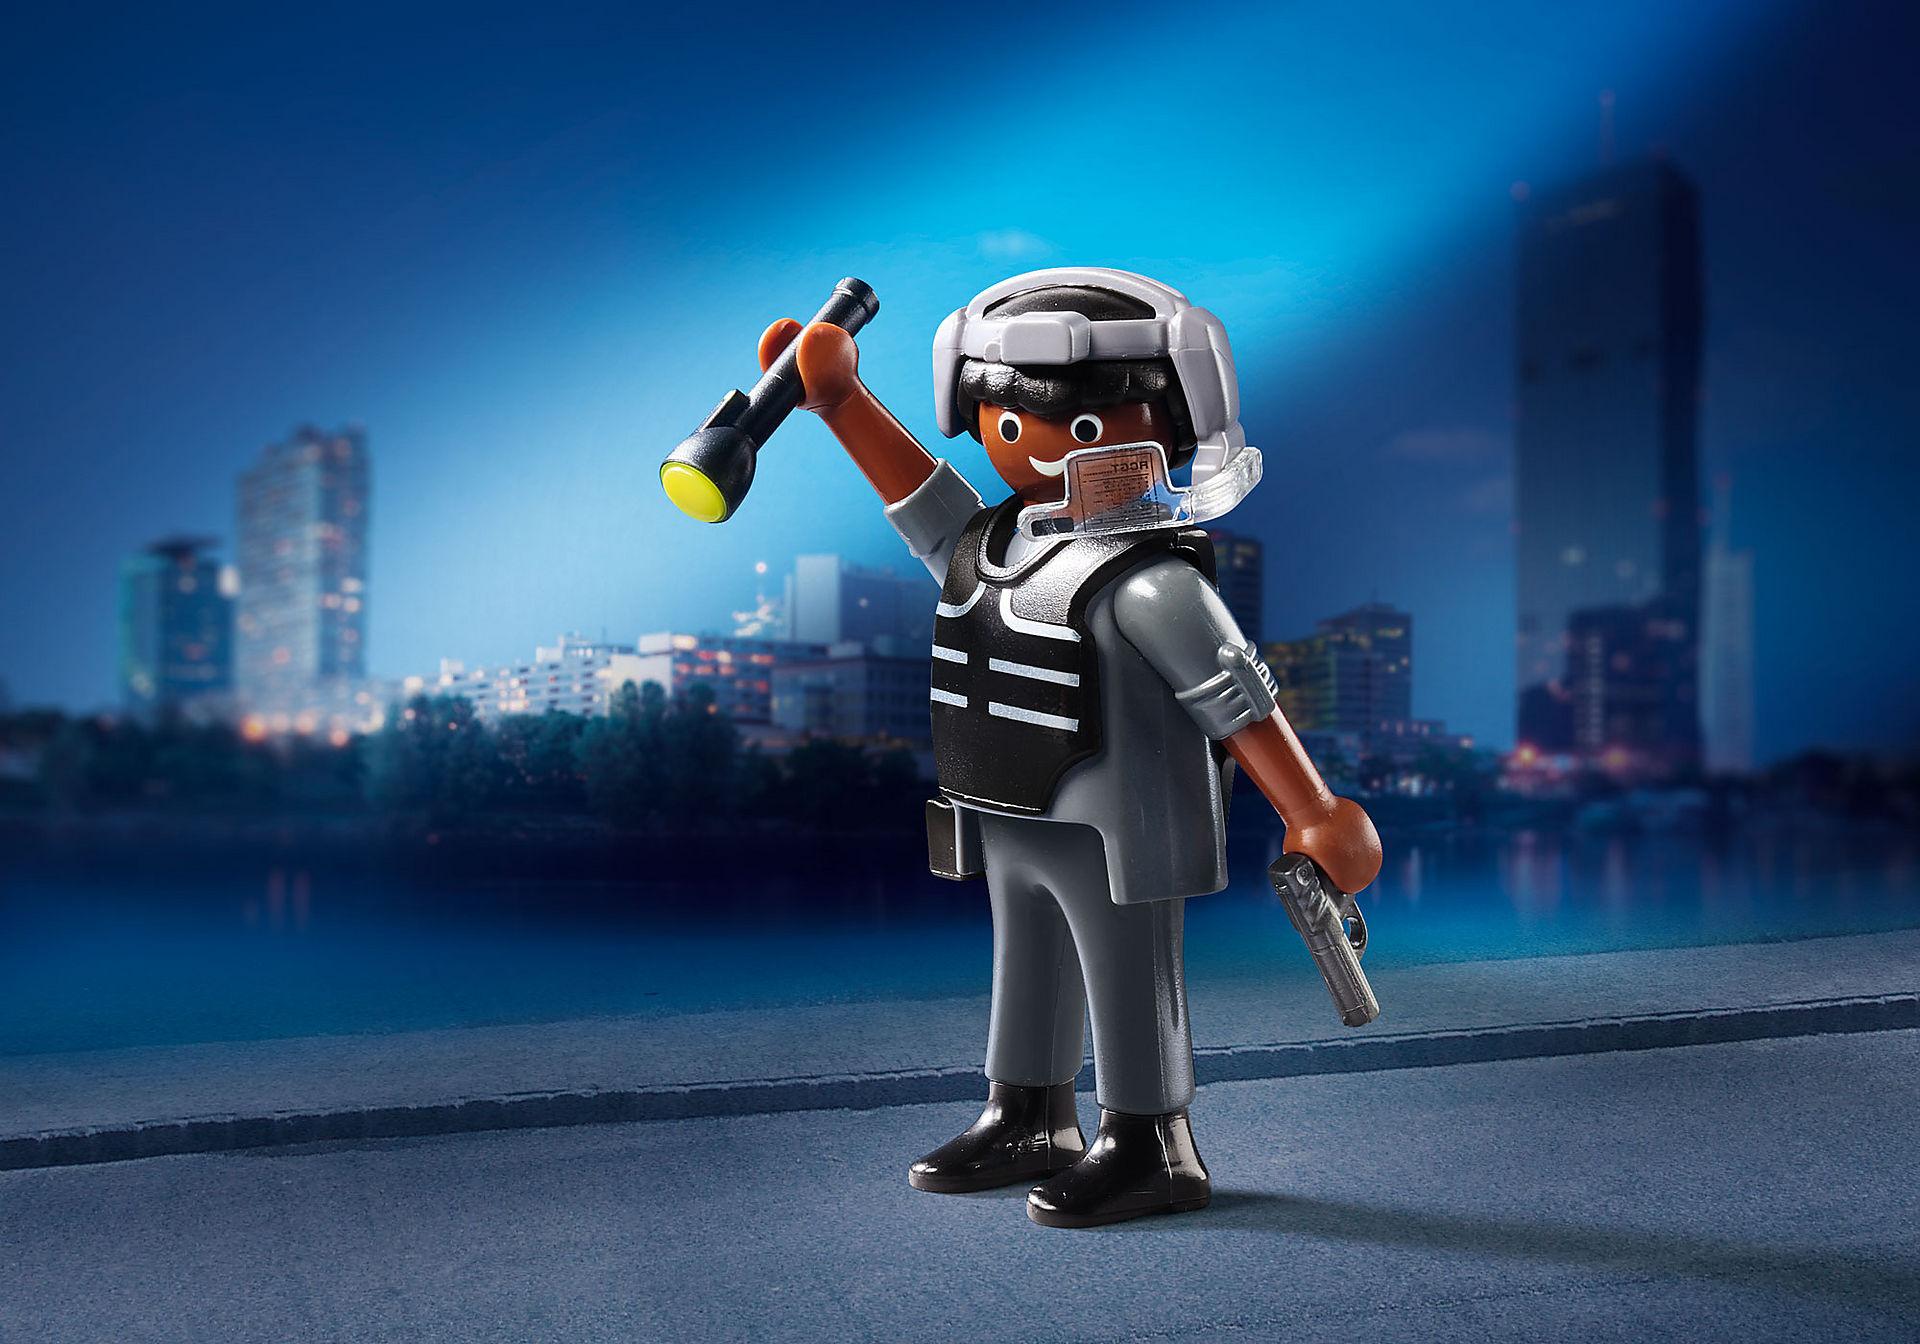 70238 Poliziotto dell'Unità Speciale zoom image1